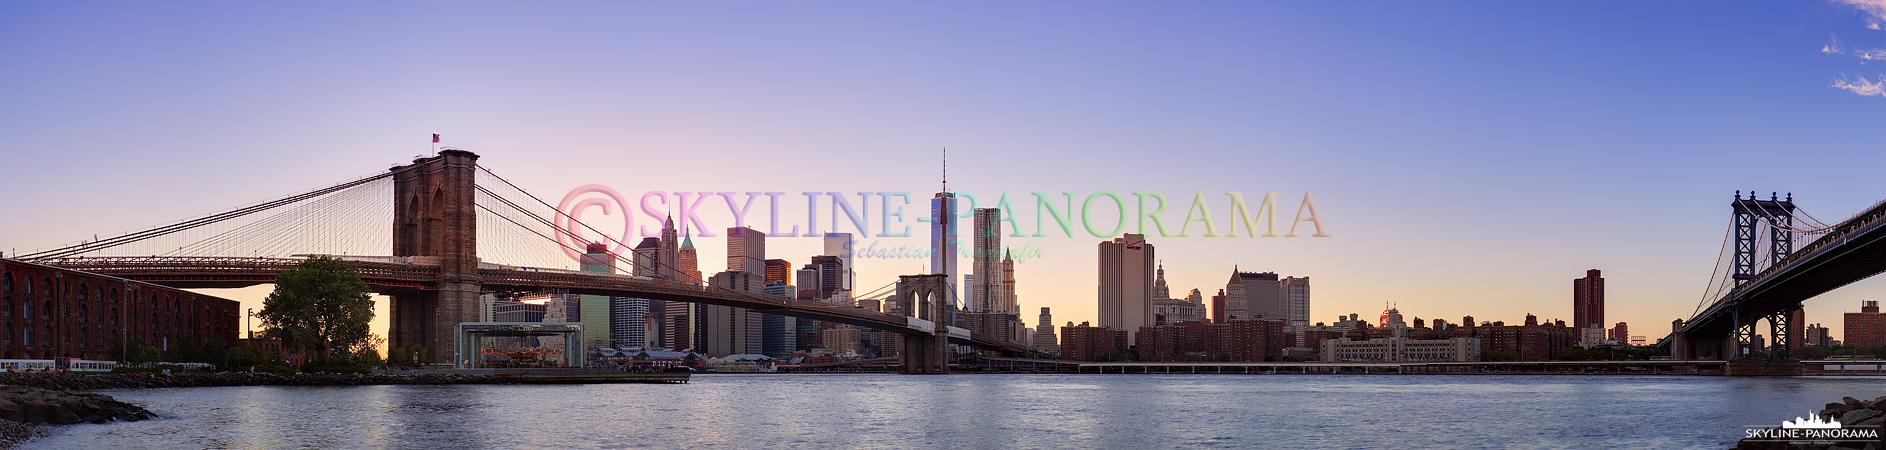 Skyline Manhattan - Dieses Panorama, das am Empire Fulton Ferry State Park entstanden ist, zeigt die beiden bekanntesten Brücken von New York City. Die Brooklyn Bridge (links) und die Manhattan Bridge (rechts) überspannen an dieser Stelle den East River und verbinden den Stadtteil Brooklyn mit Downtown Manhattan.